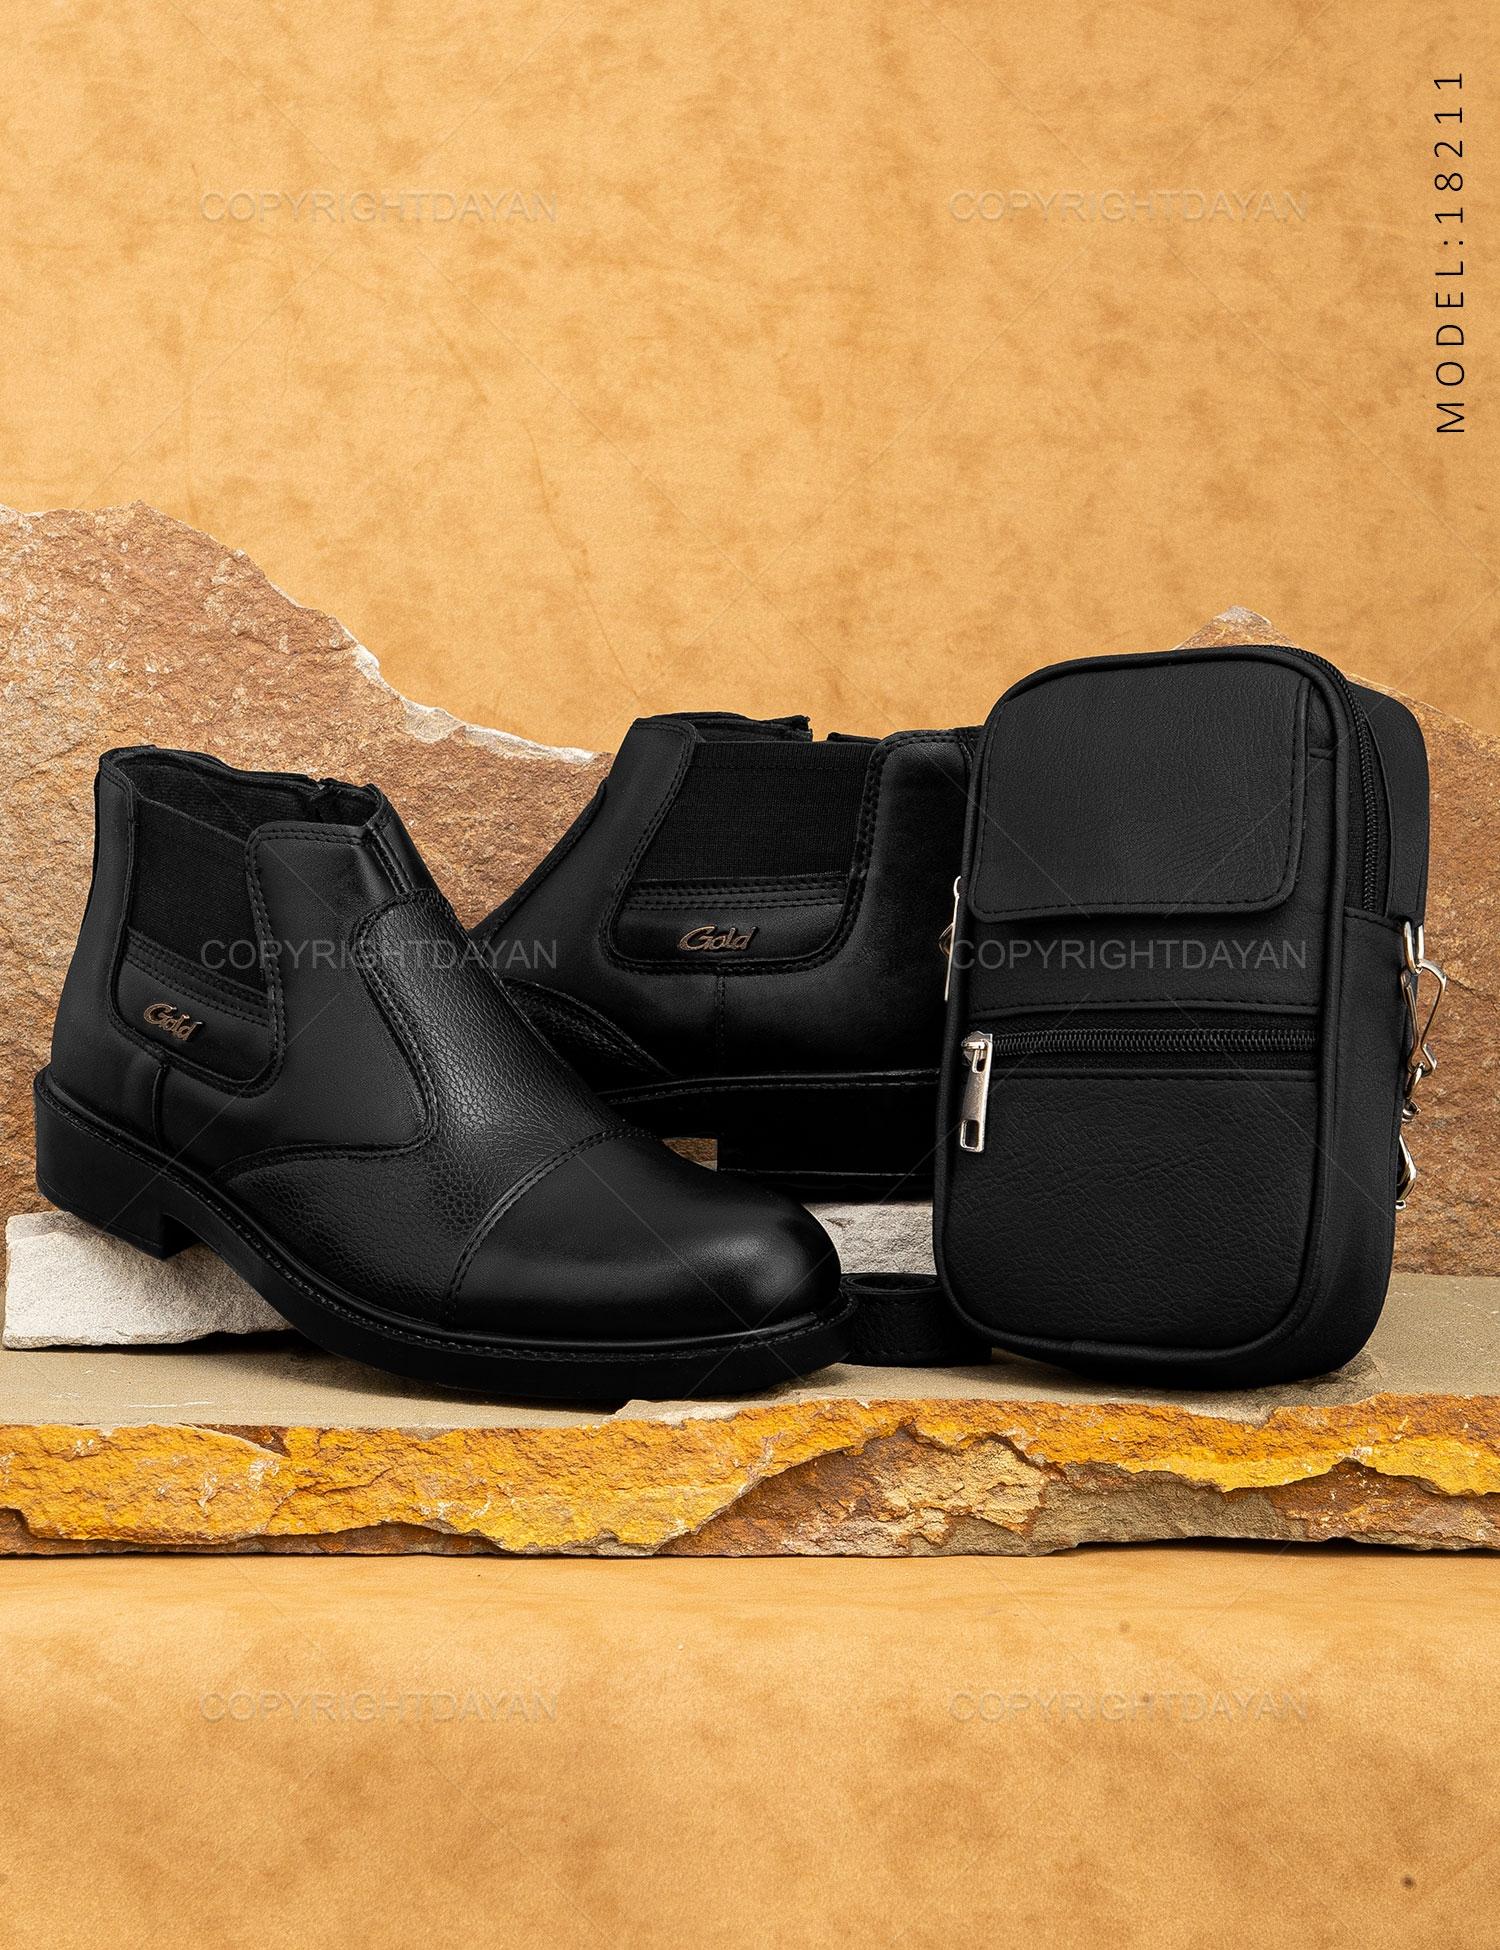 ست کیف و کفش Maran مدل 18211